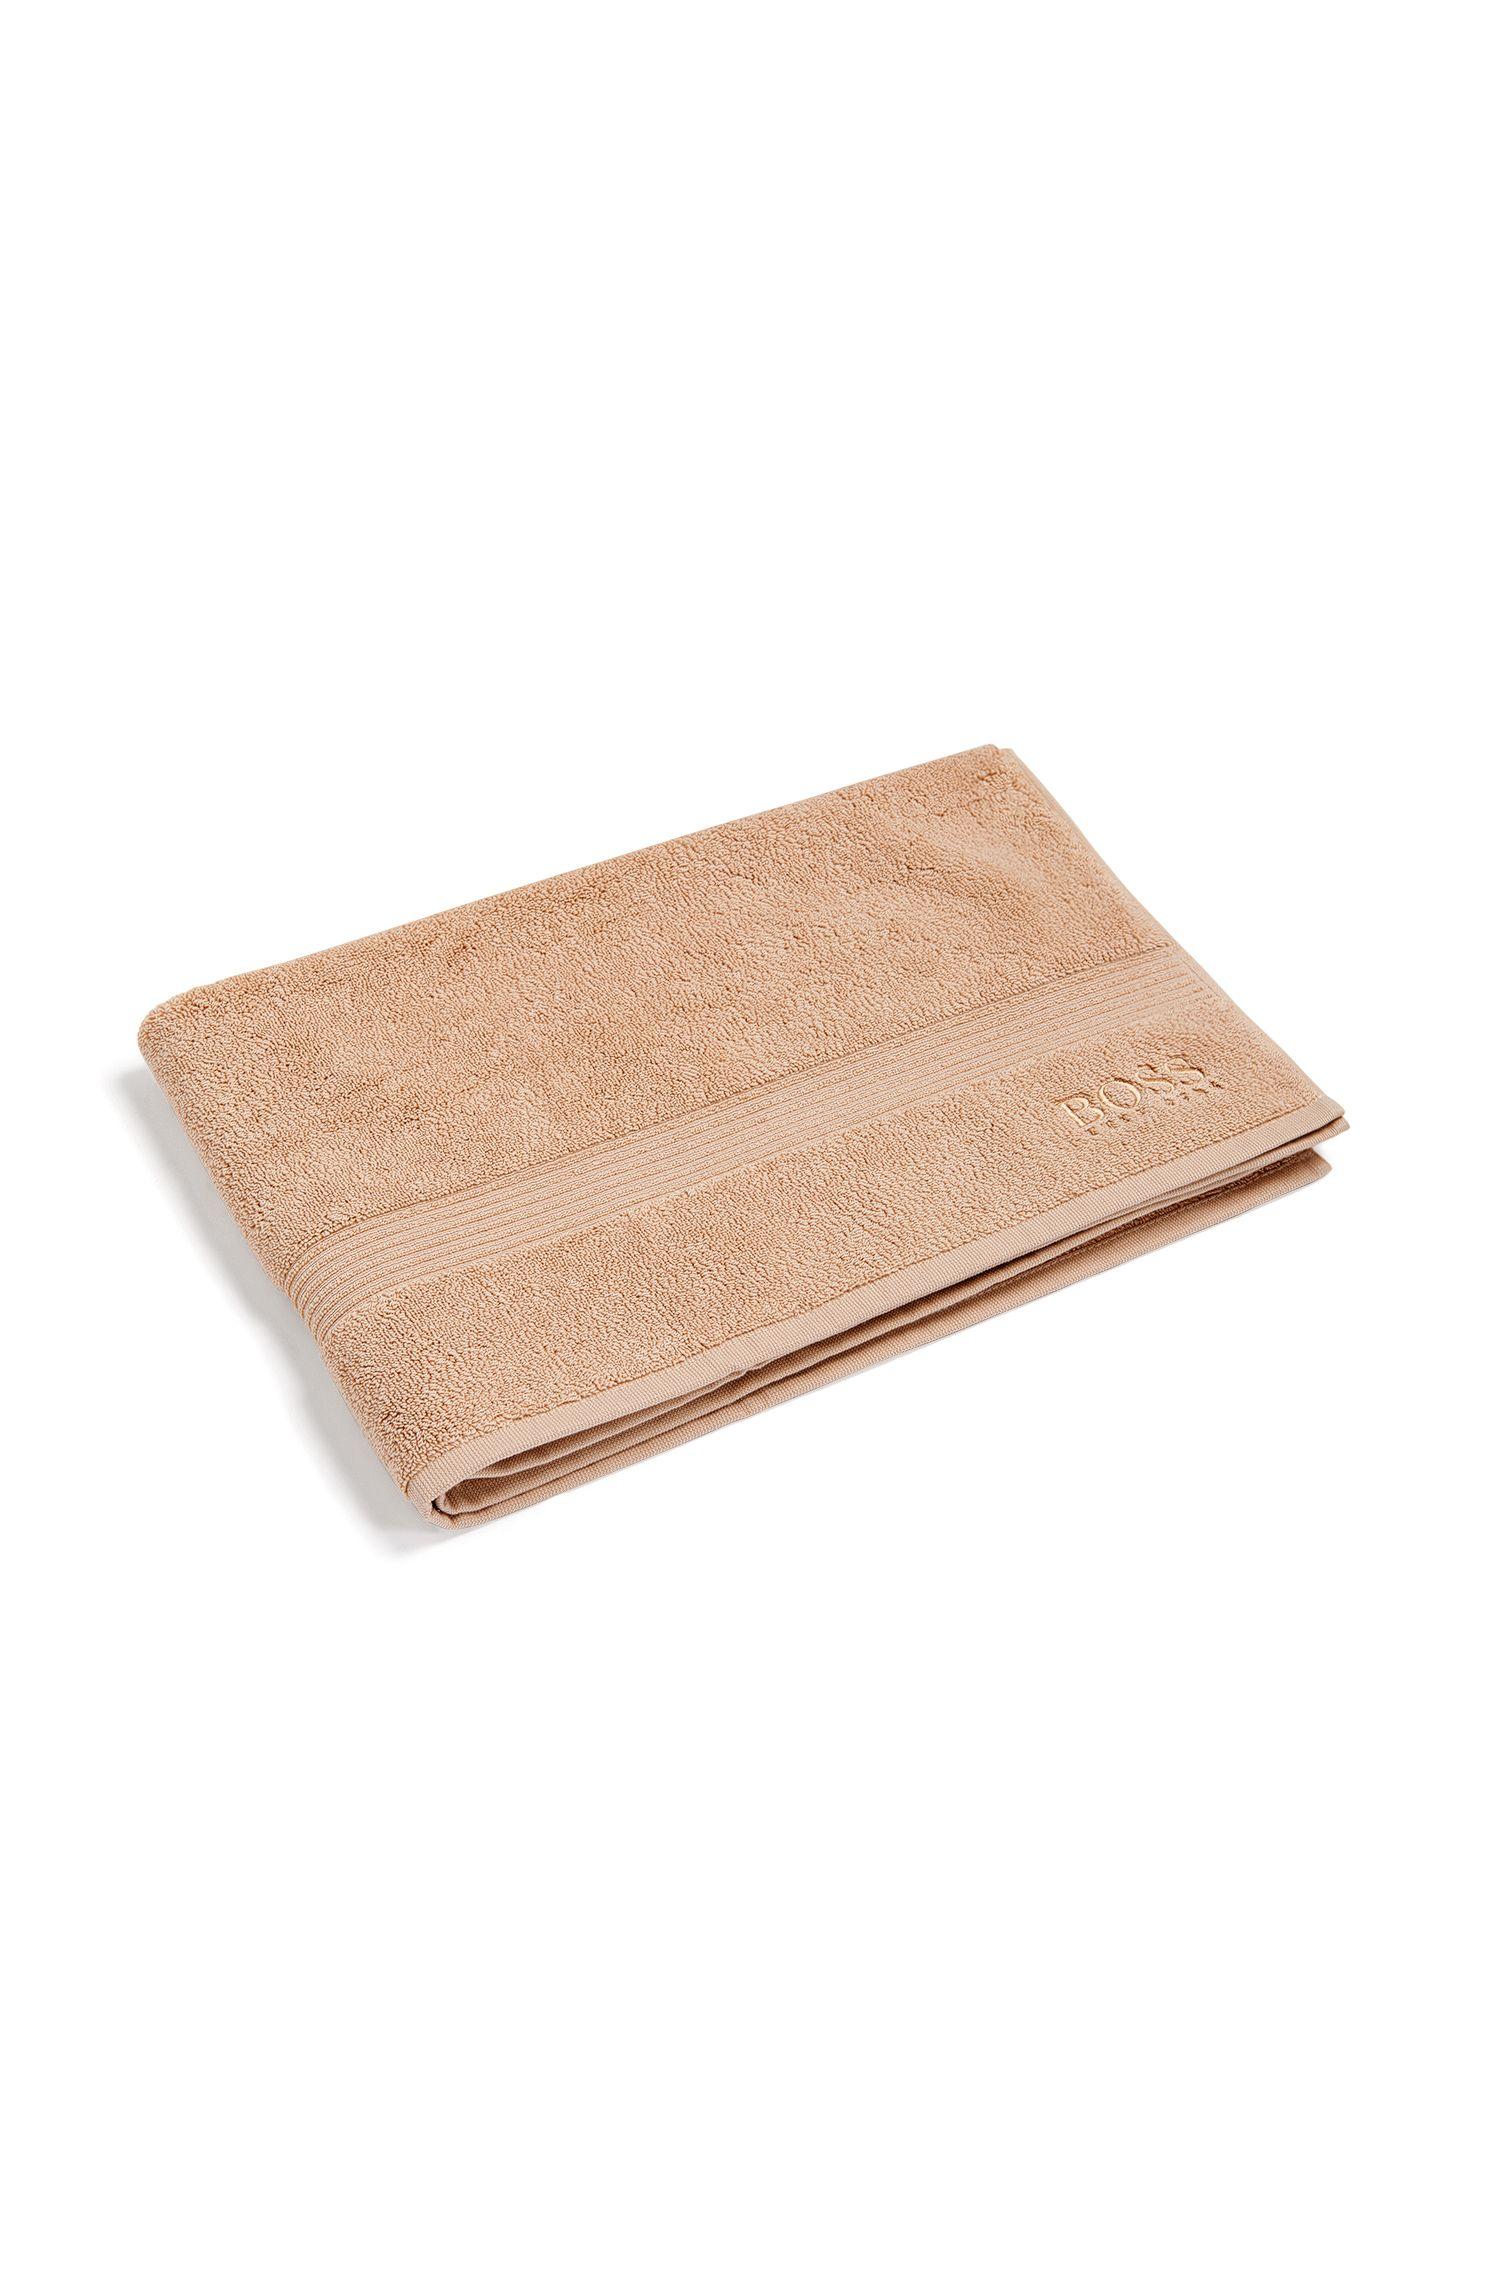 Tappetino per il bagno 'LOFT Tapis de bain' in cotone-spugna